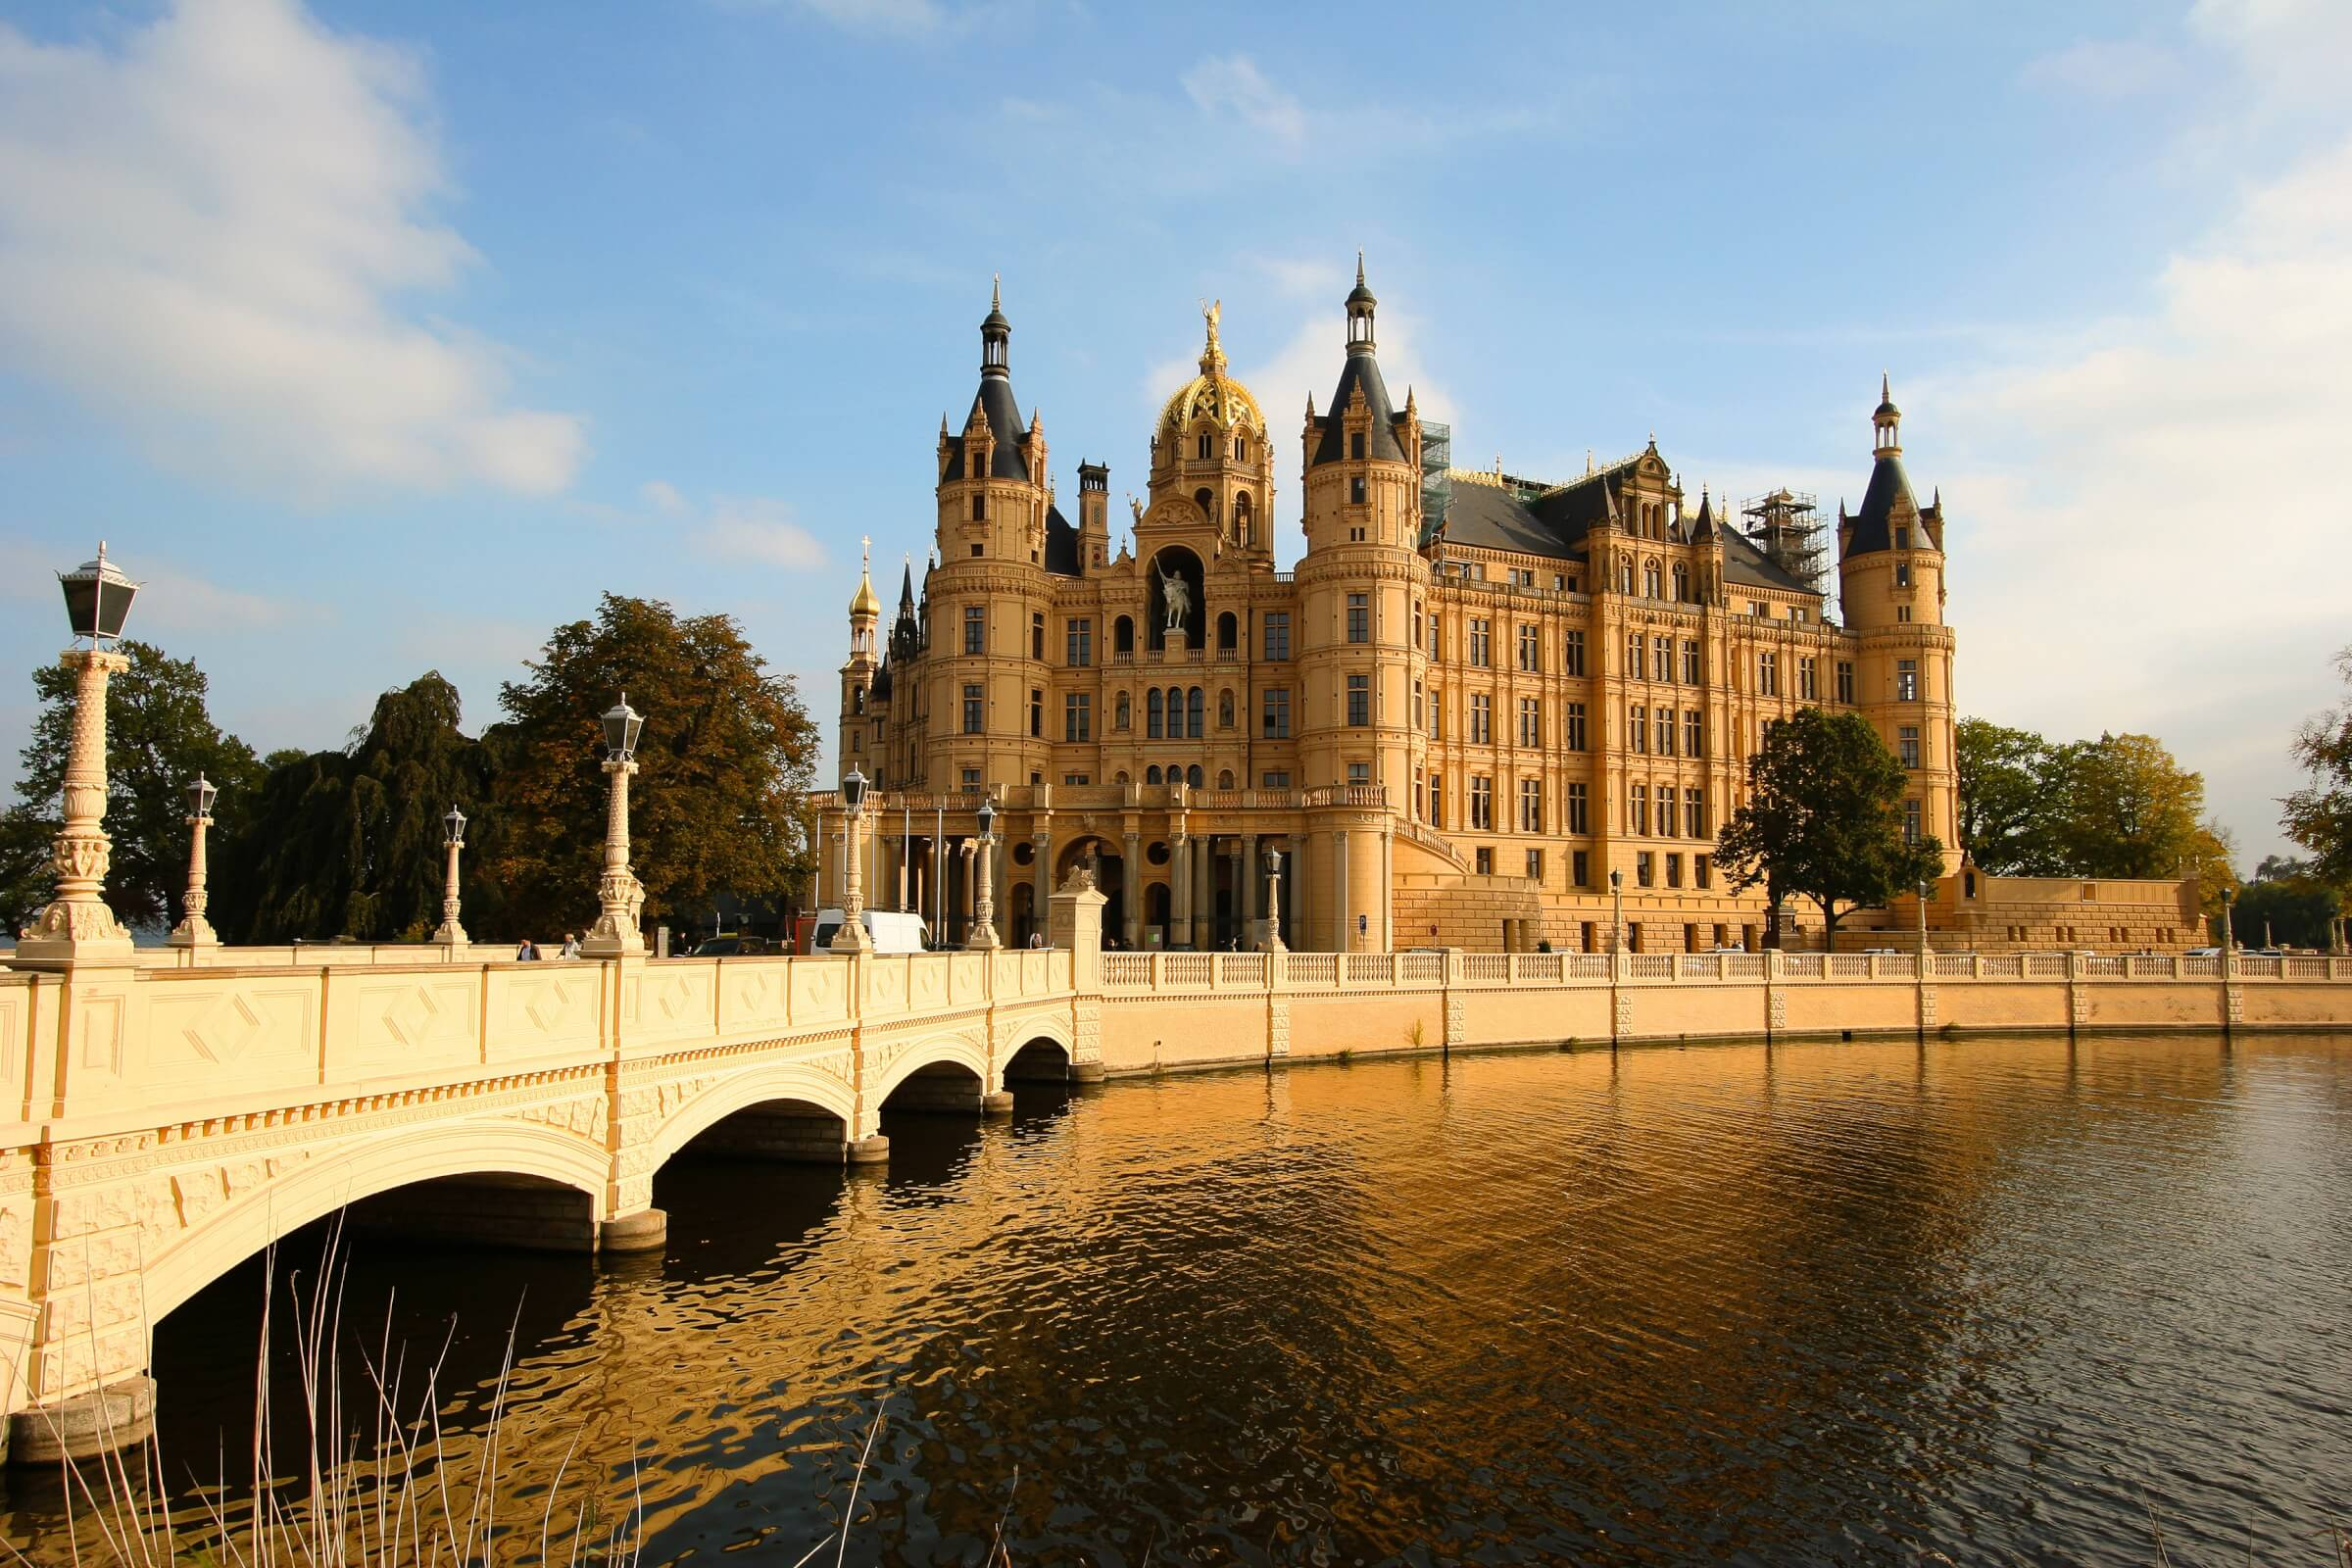 Deutschland schönste Orte Wochenendausflug Deutschland Schöne Orte Deutschland